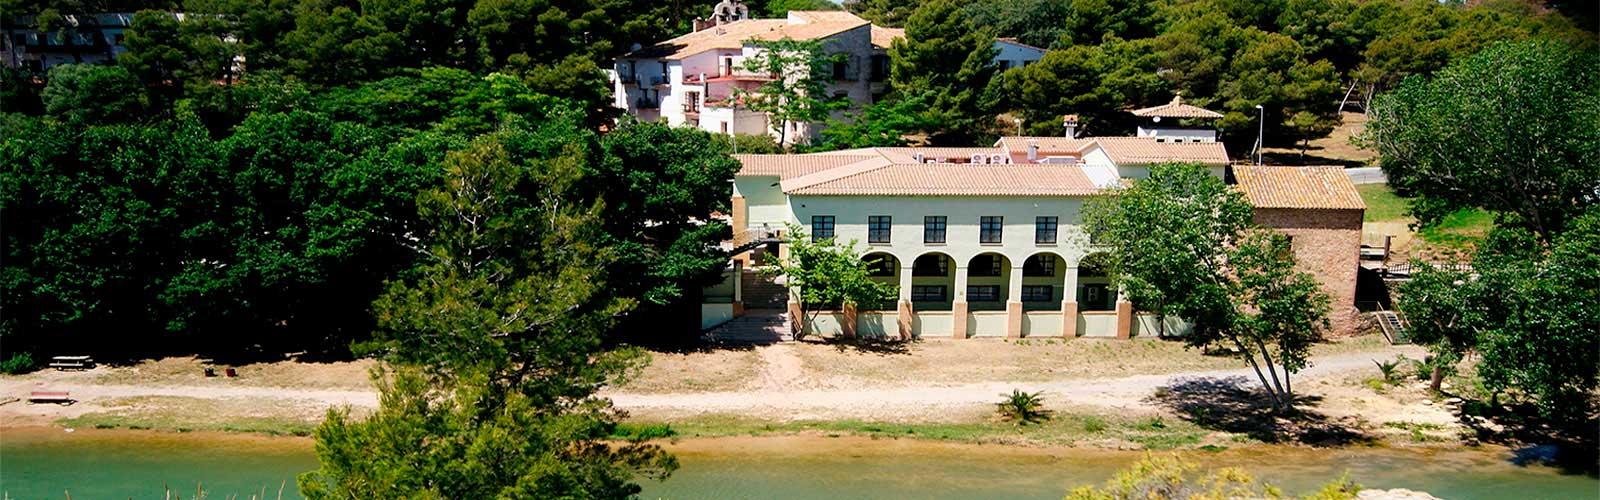 Centre de Congresos el Molí - El Termet (Vila-real)